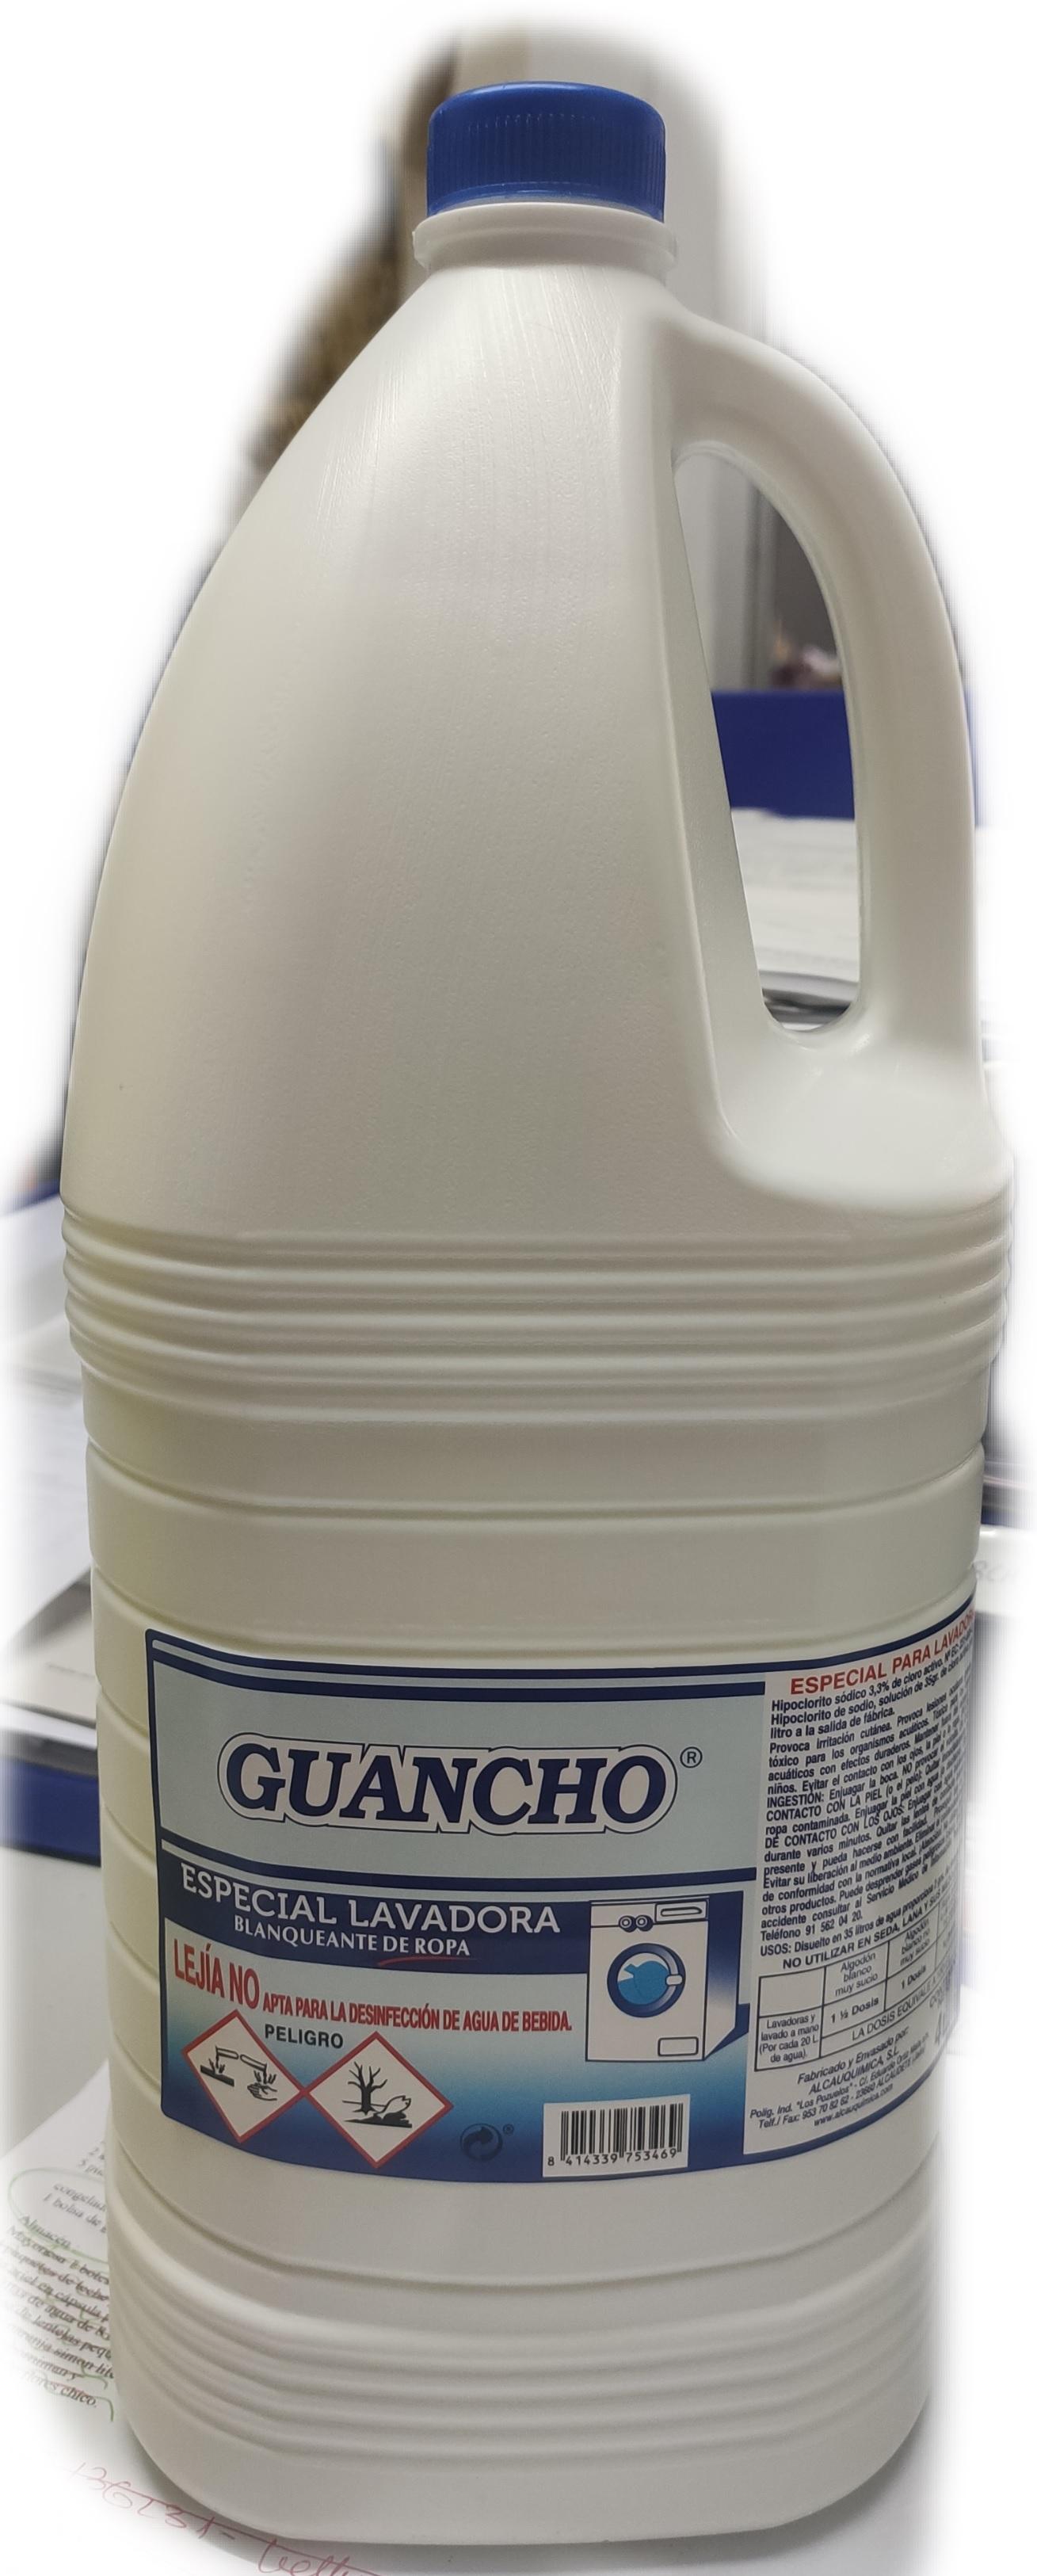 LEJIA BLANCA GUANCHO LAVADORA 4L